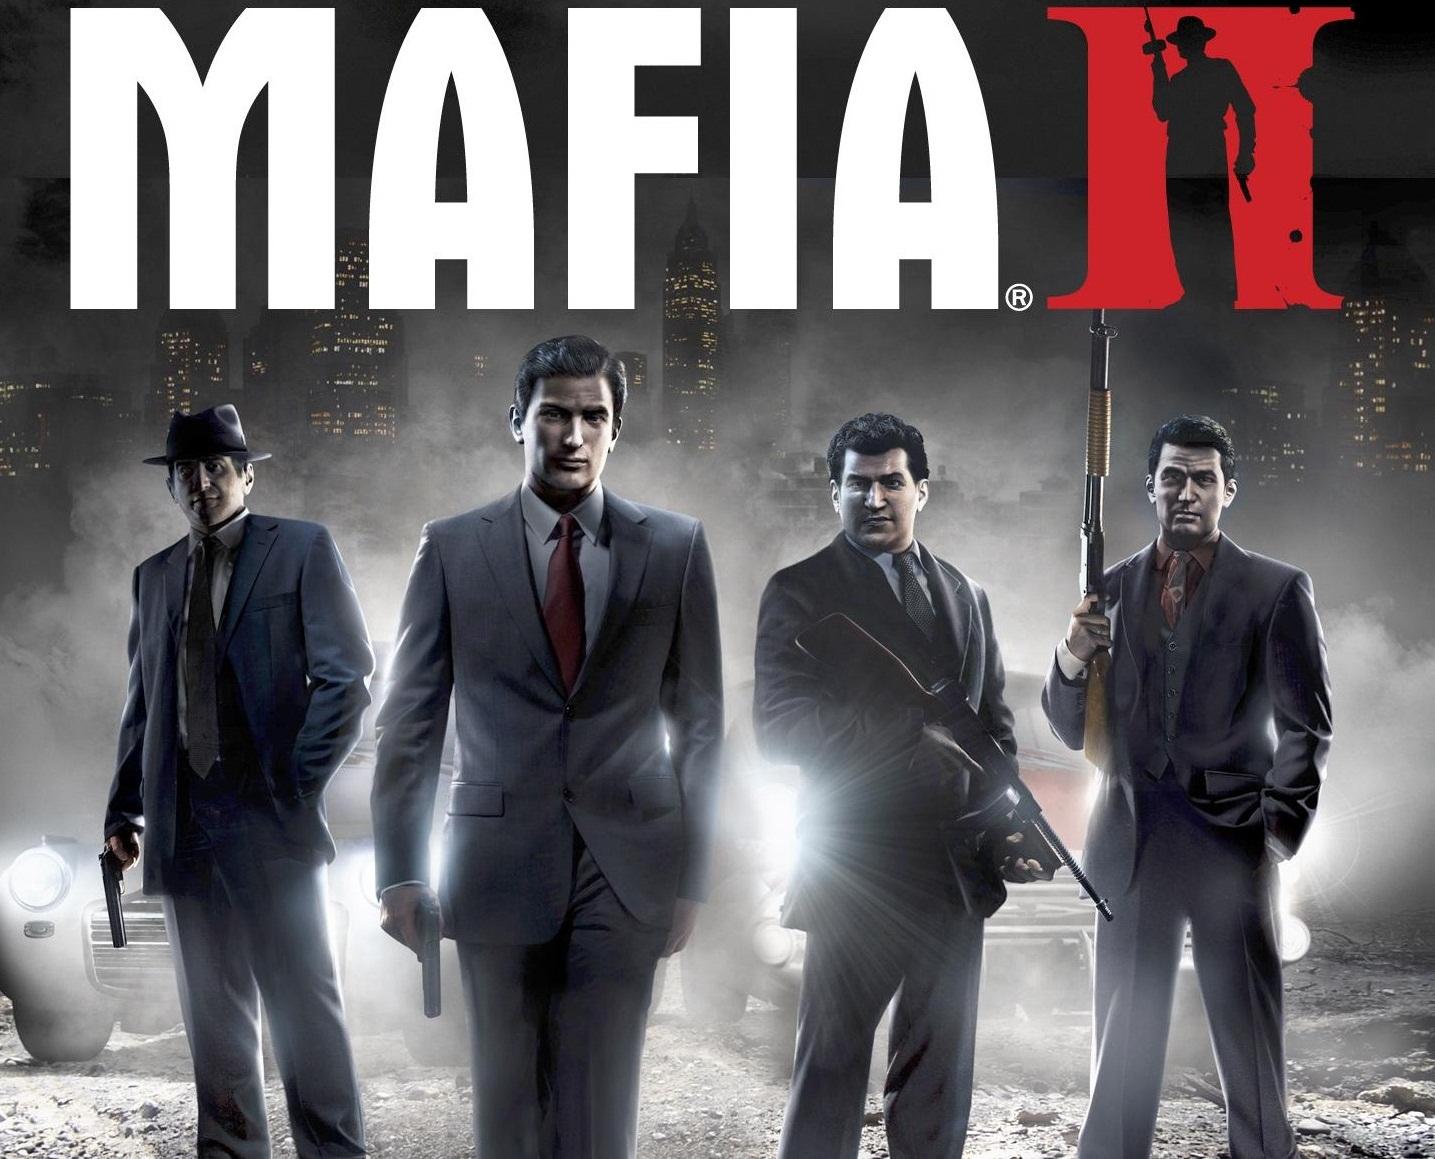 Pc software free download full version 2013 mafia 2 pc game download full version - How to download mafia 2 ...